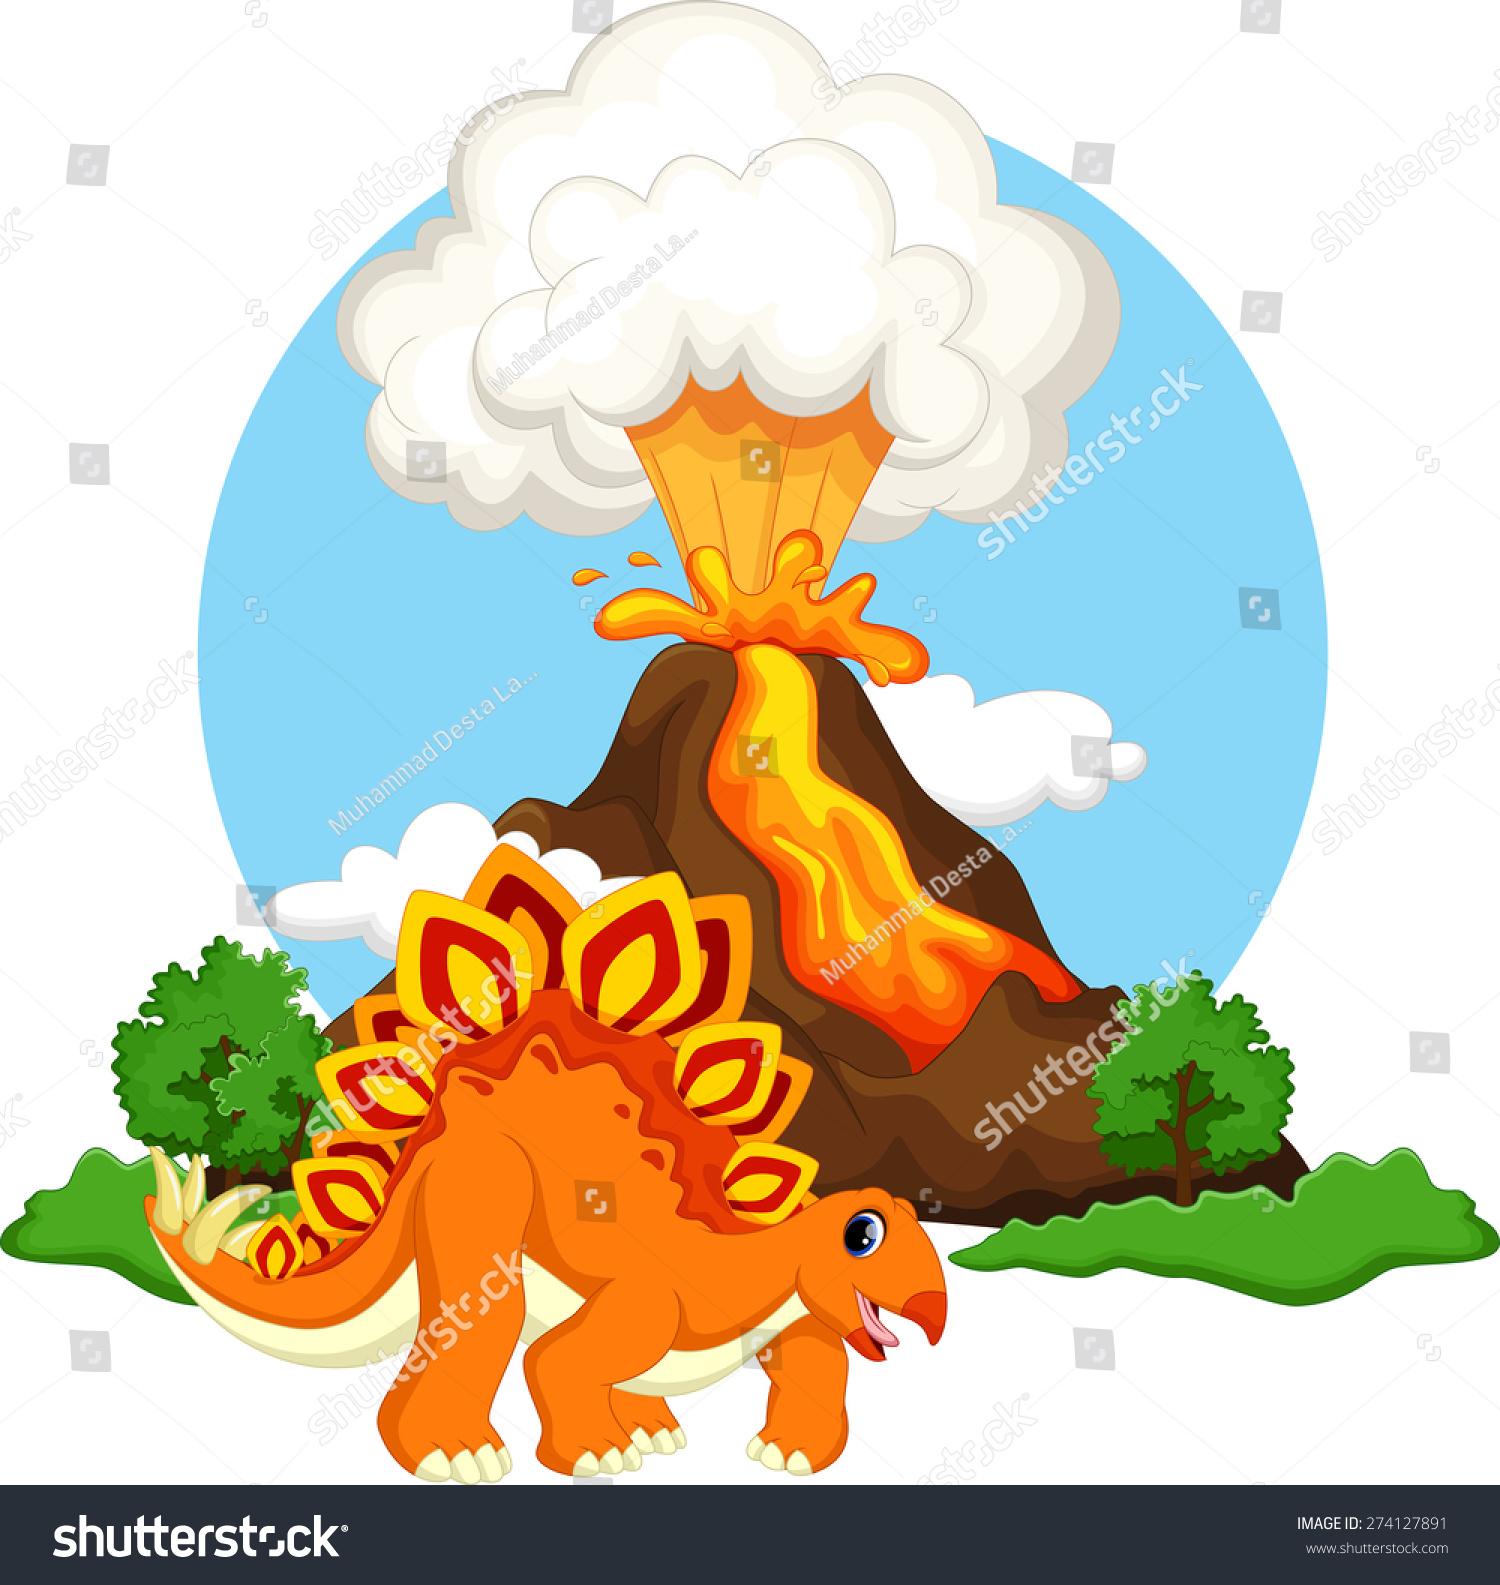 可爱的剑龙卡通恐龙与火山背景-动物/野生生物-海洛